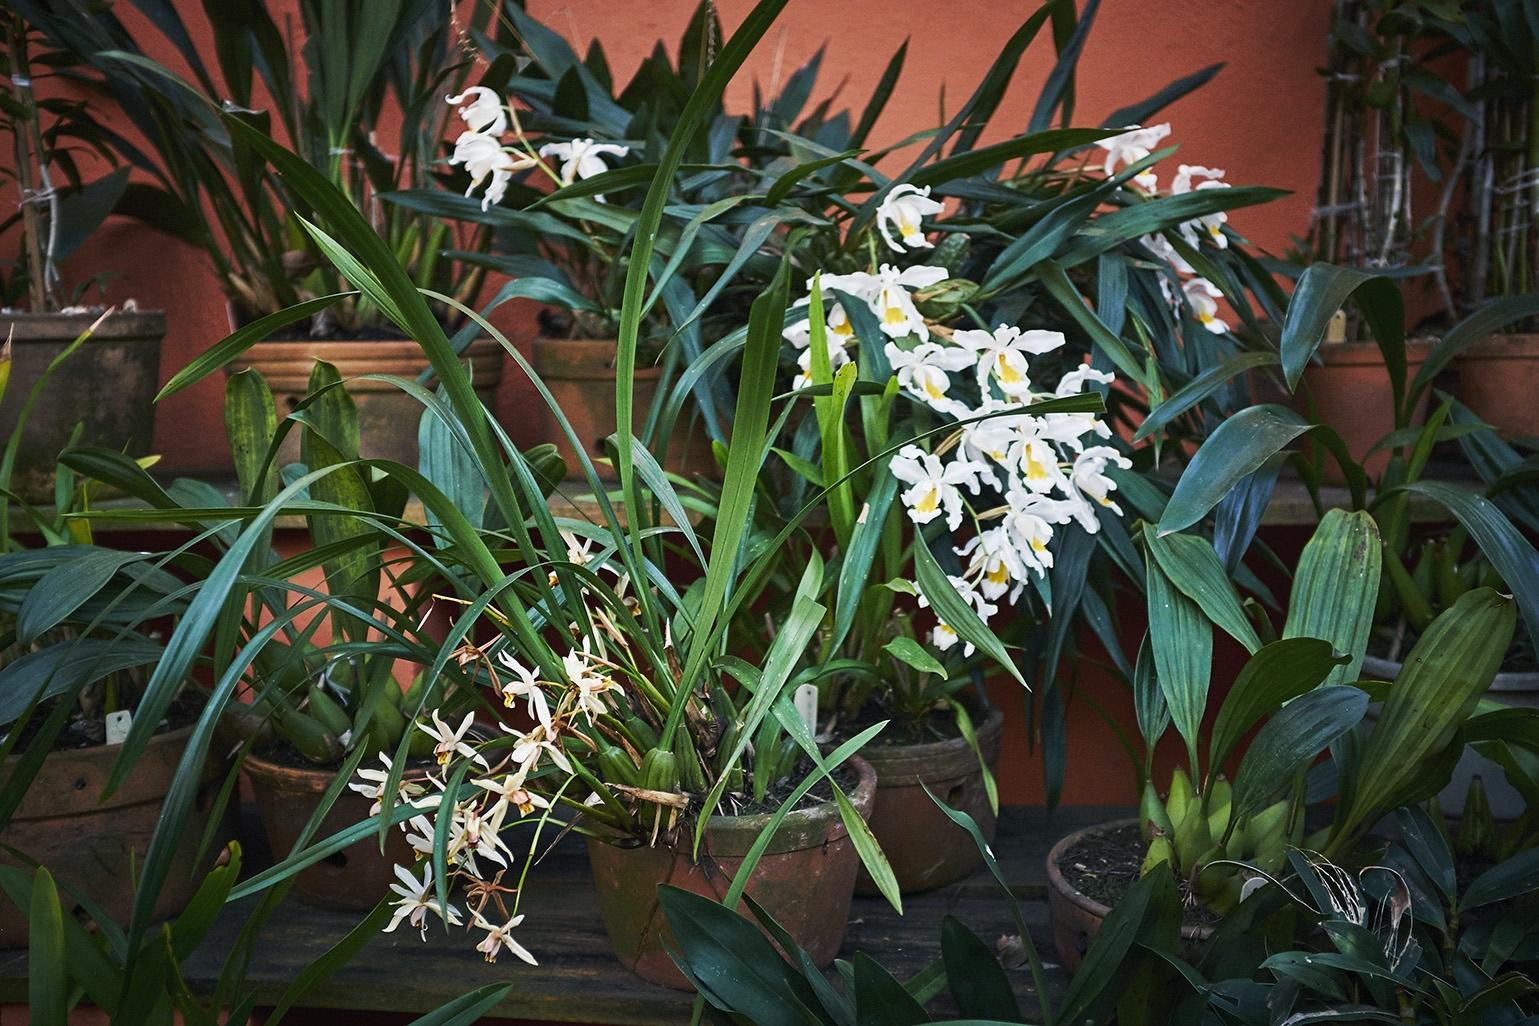 Visitei o Trisca e seu jardim no inverno, época em que as orquídeas hibernam. Haviam poucas floridas.